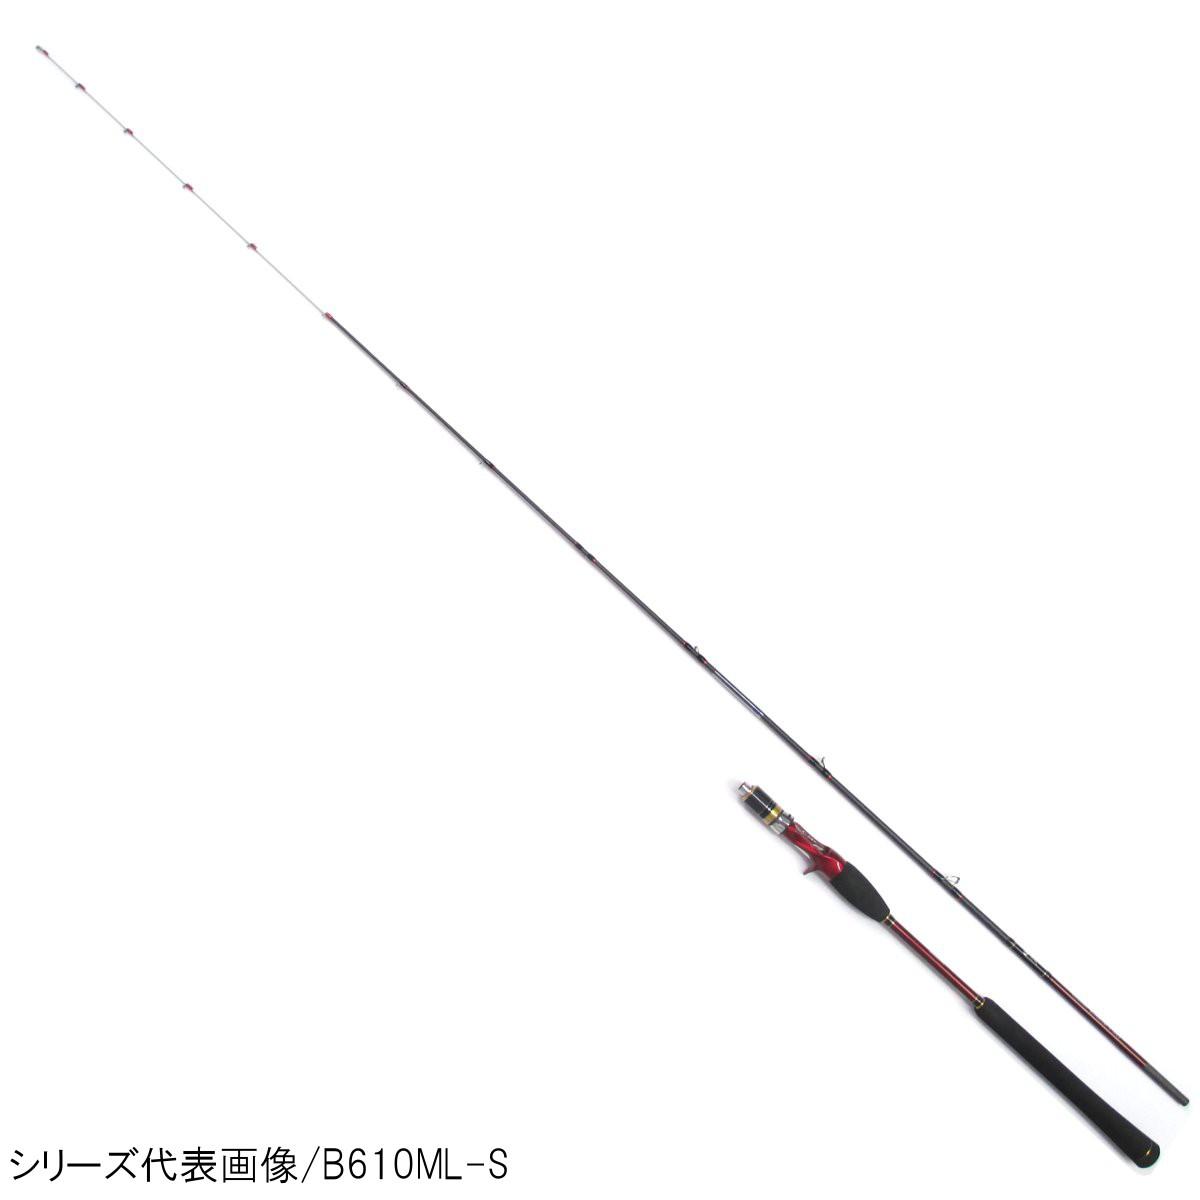 シマノ ゲーム炎月 B610M-S【大型商品】【送料無料】